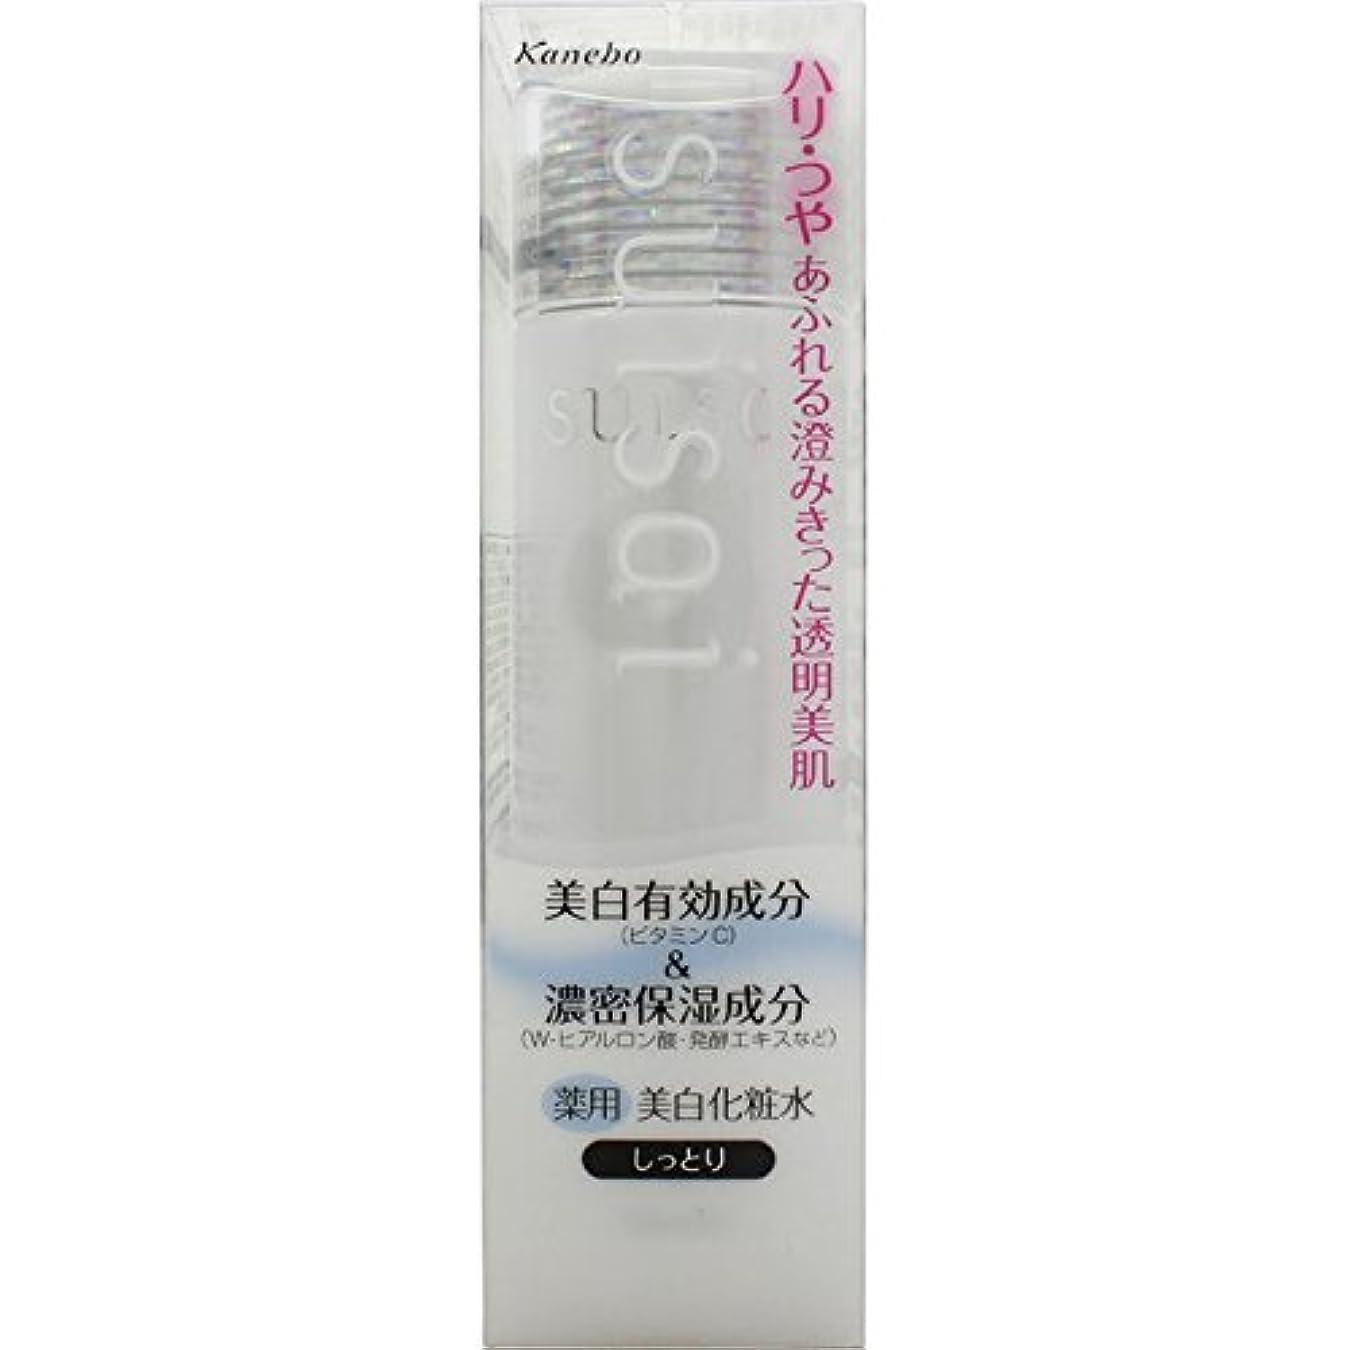 ネクタイキャッシュバーカネボウ suisai スイサイホワイトニングローションII (しっとり) 150ml